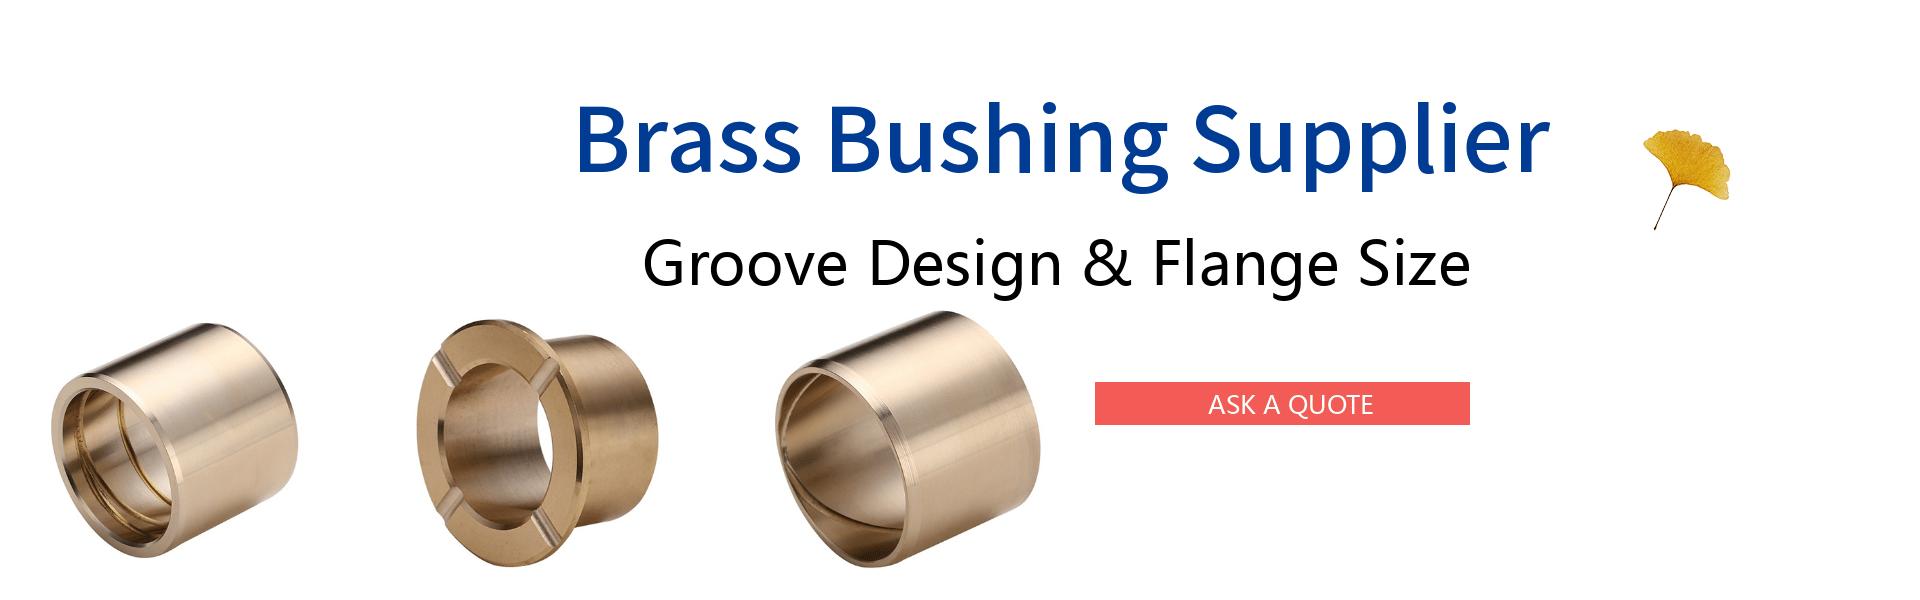 brass bushings supplier